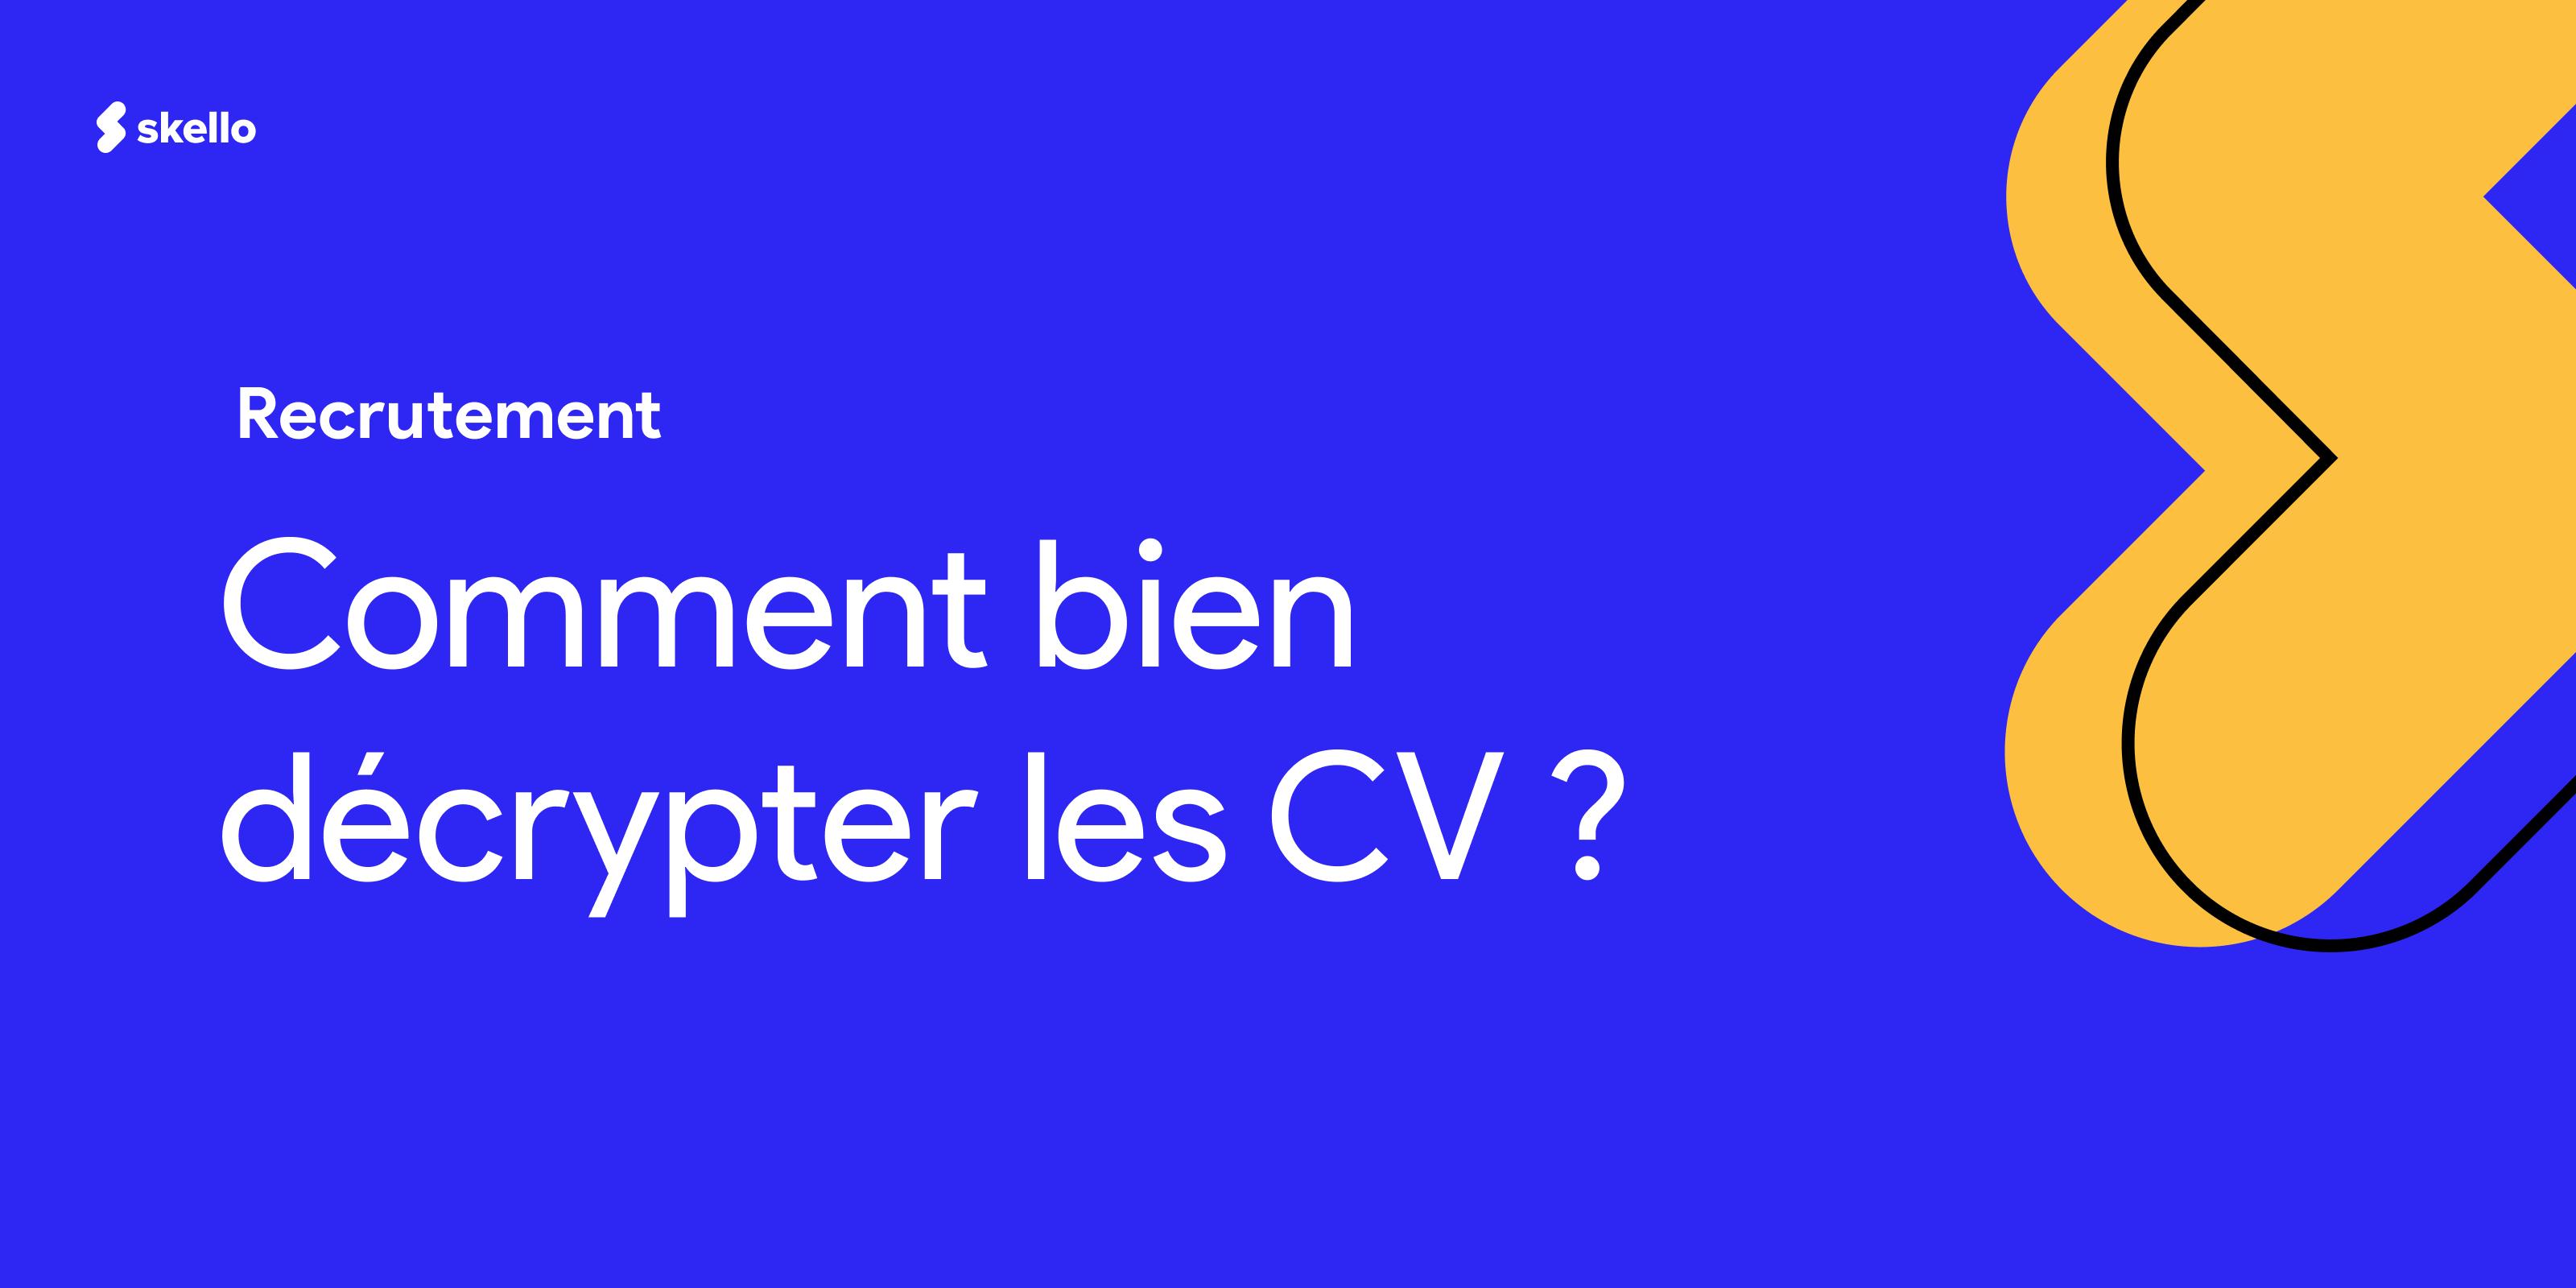 Recrutement: comment bien décrypter les CV?